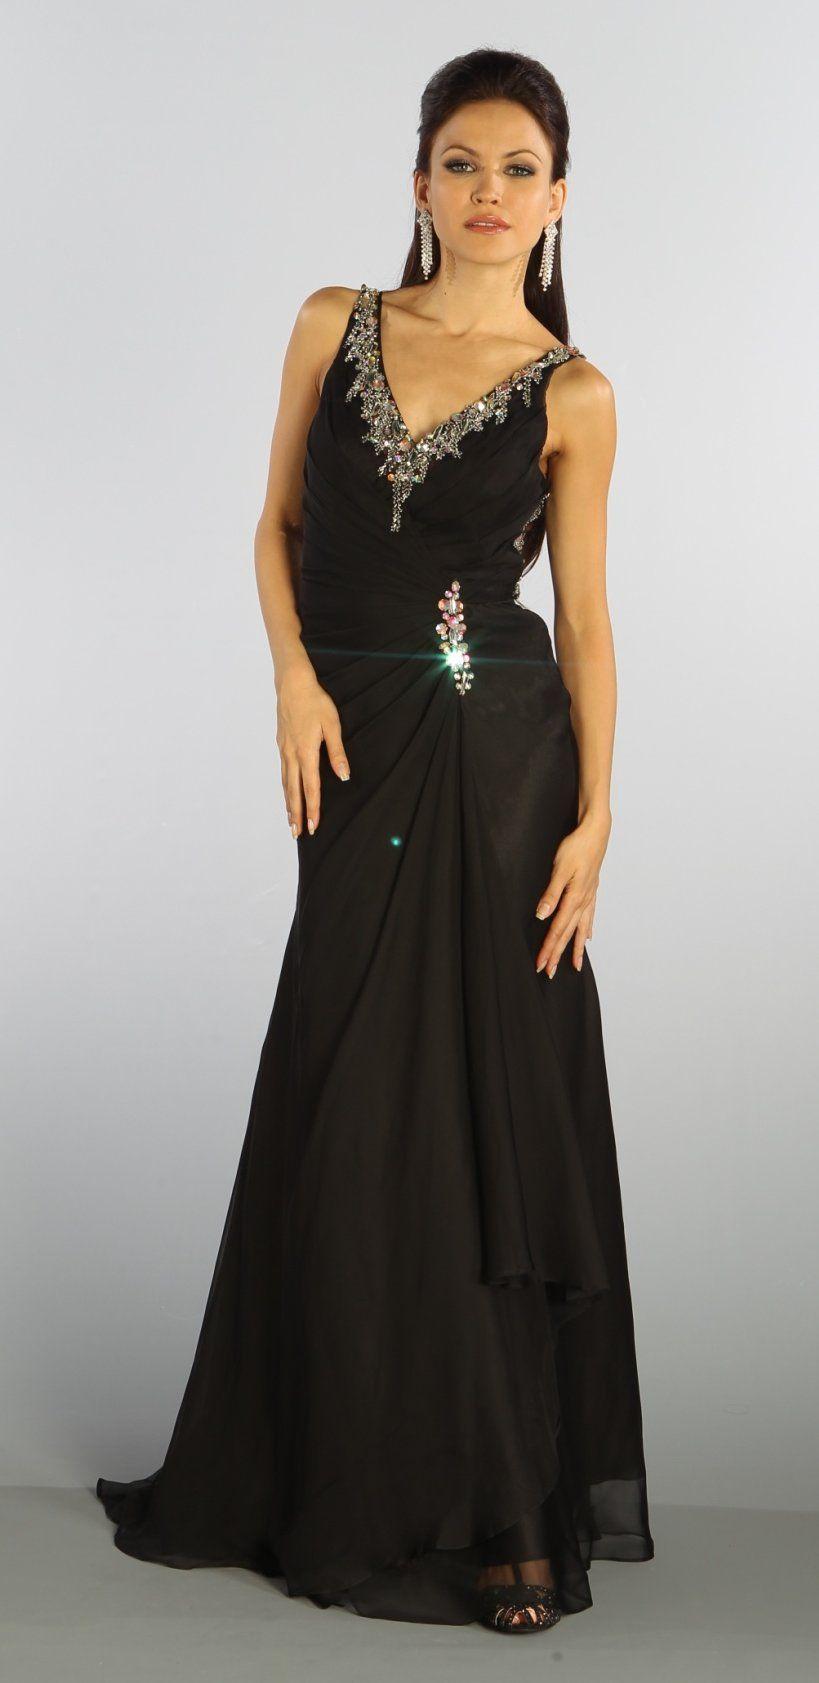 Black formal gown full length v neckline beaded illusion